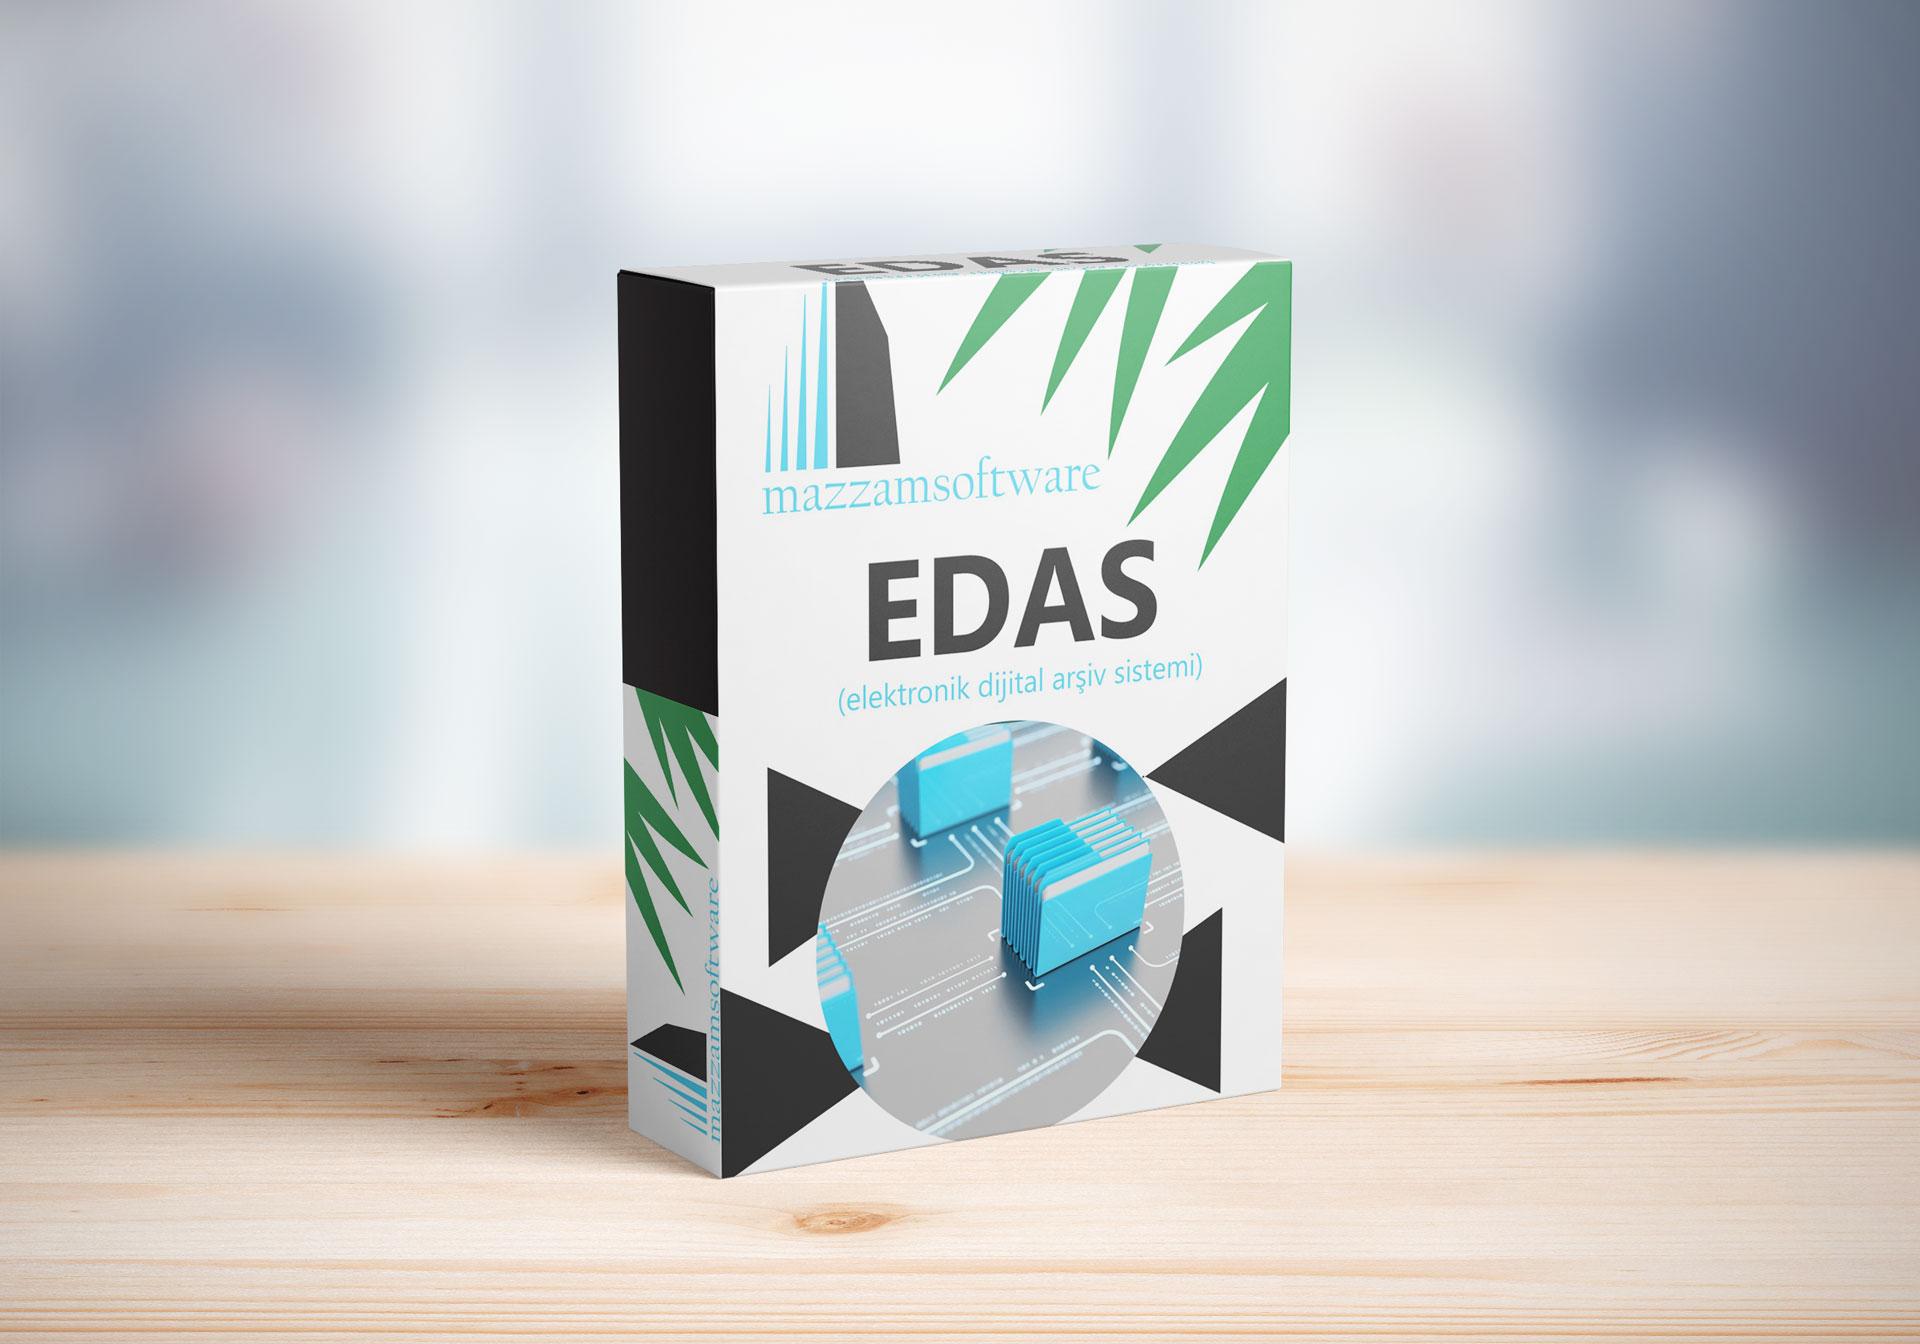 E-DAS